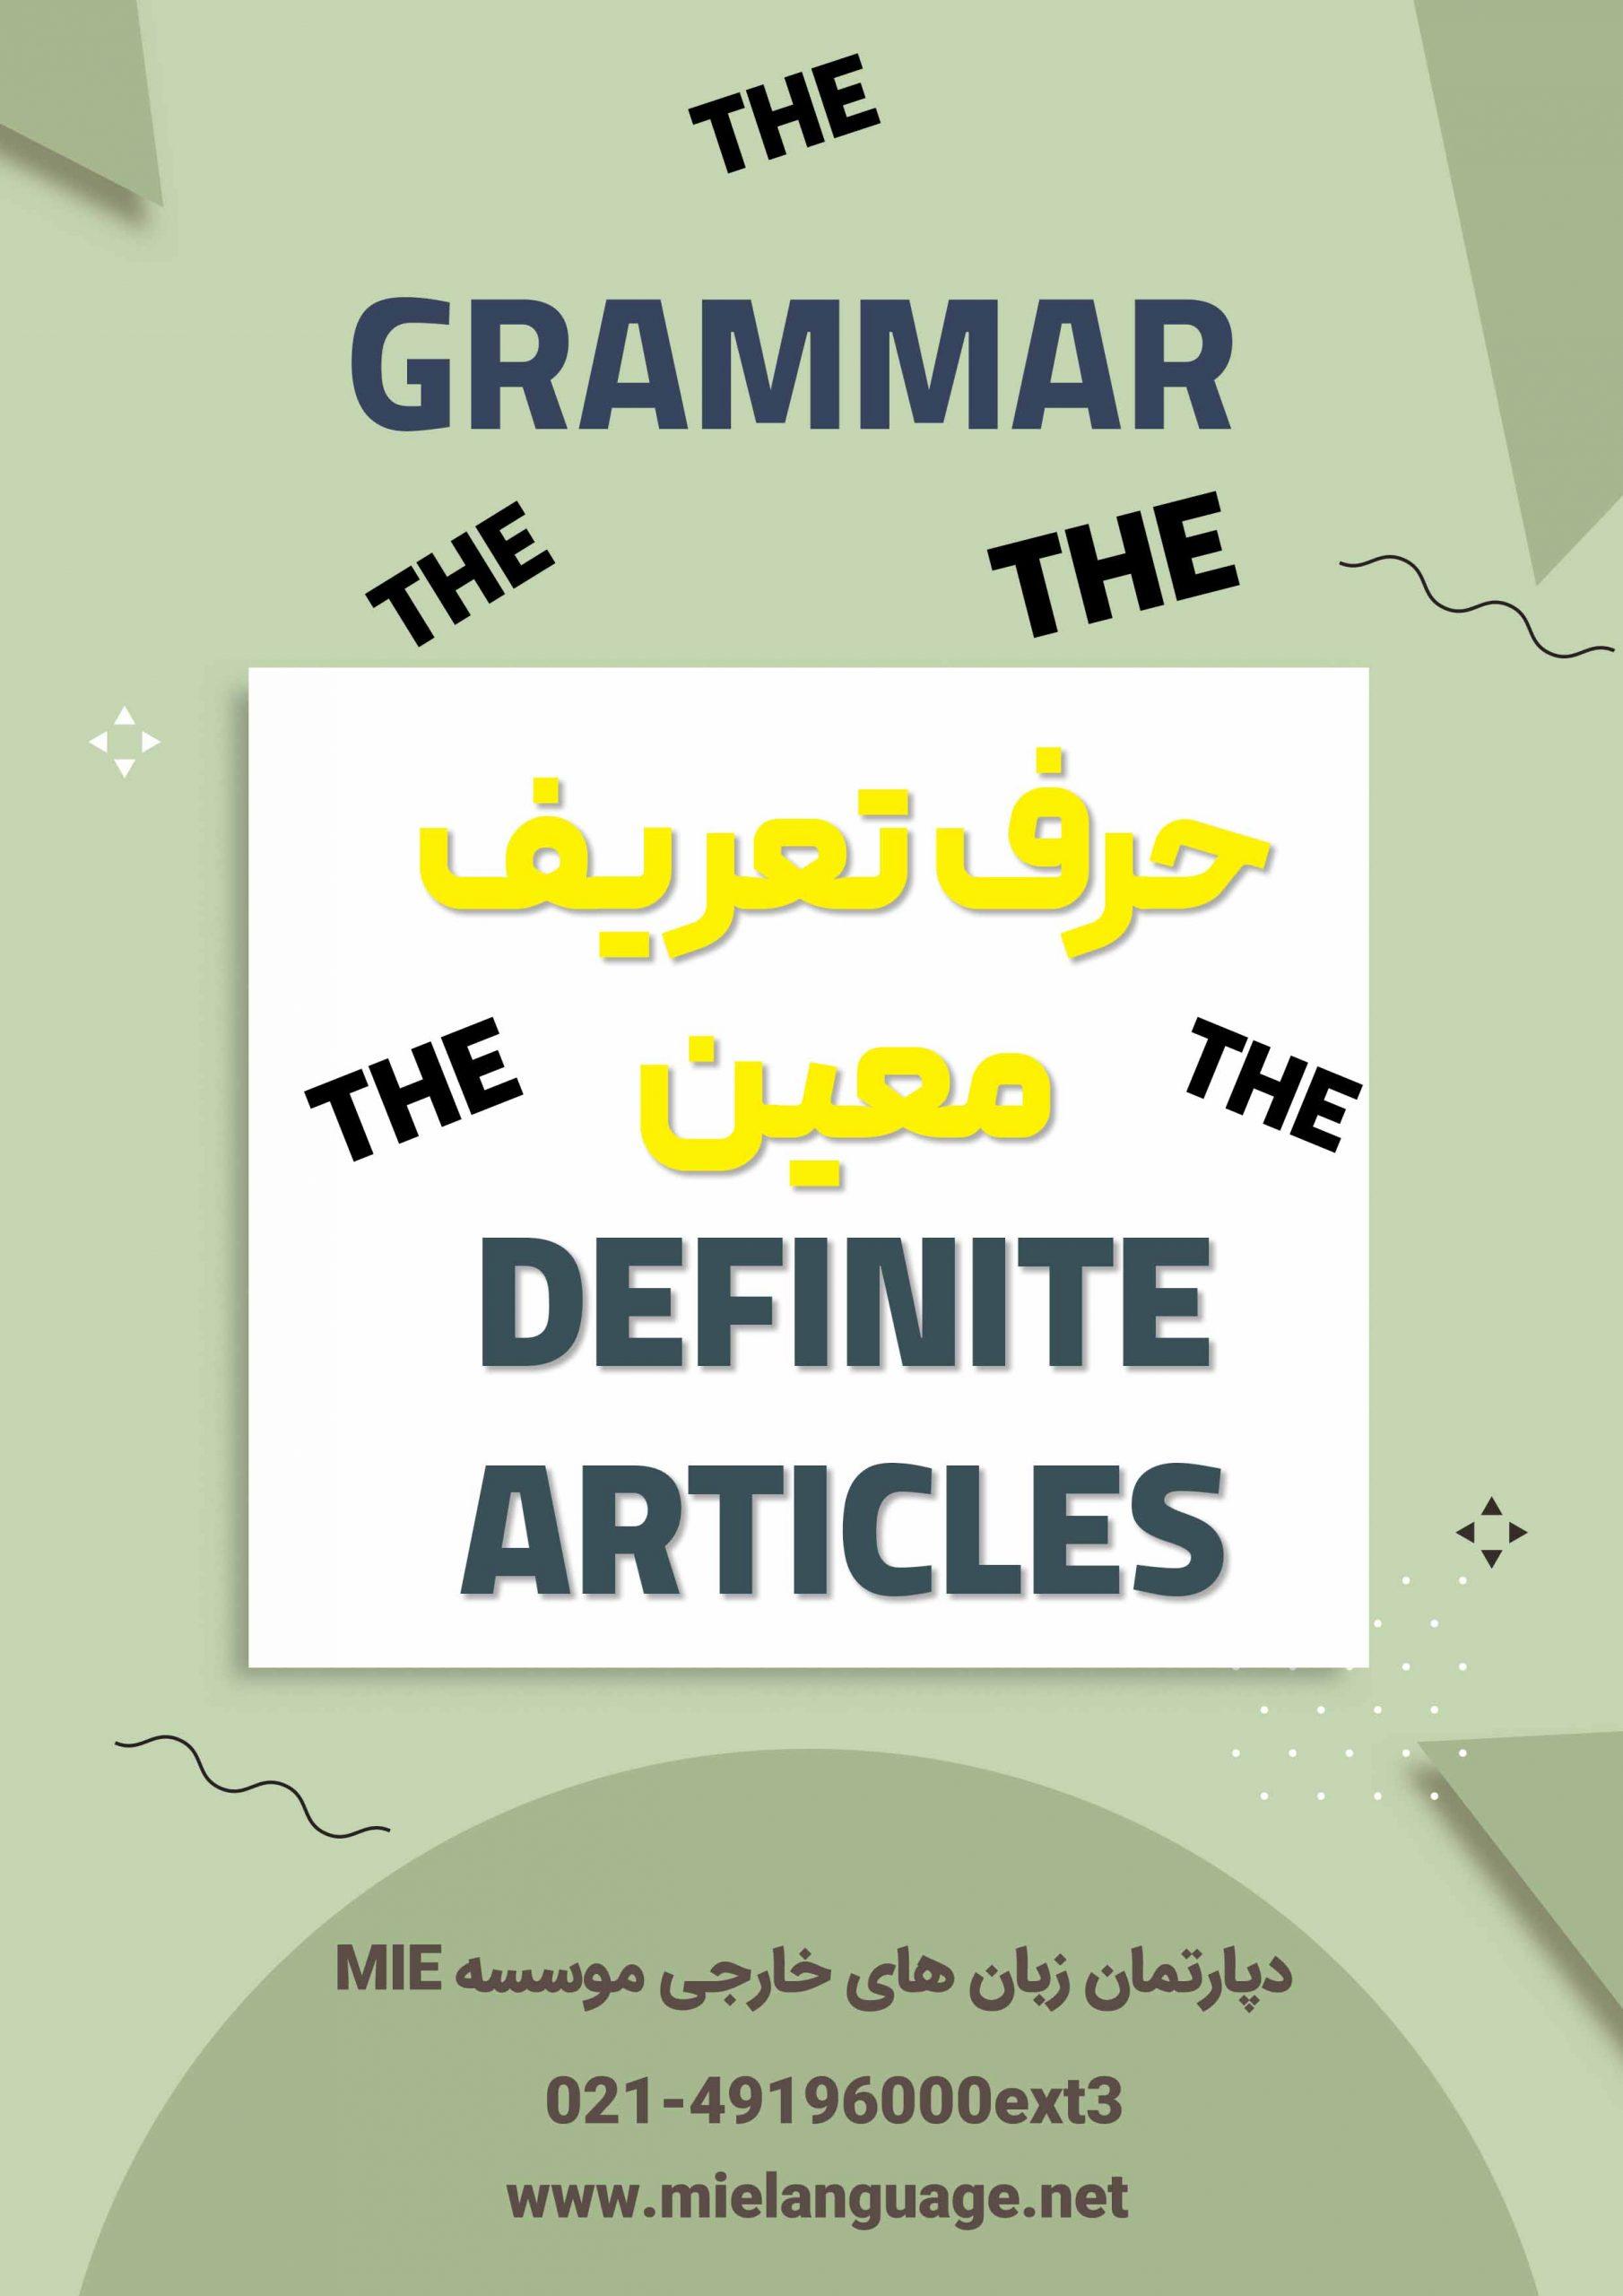 ساده ترین روش یادگیری حرف تعریف معین در زبان انگلیسی